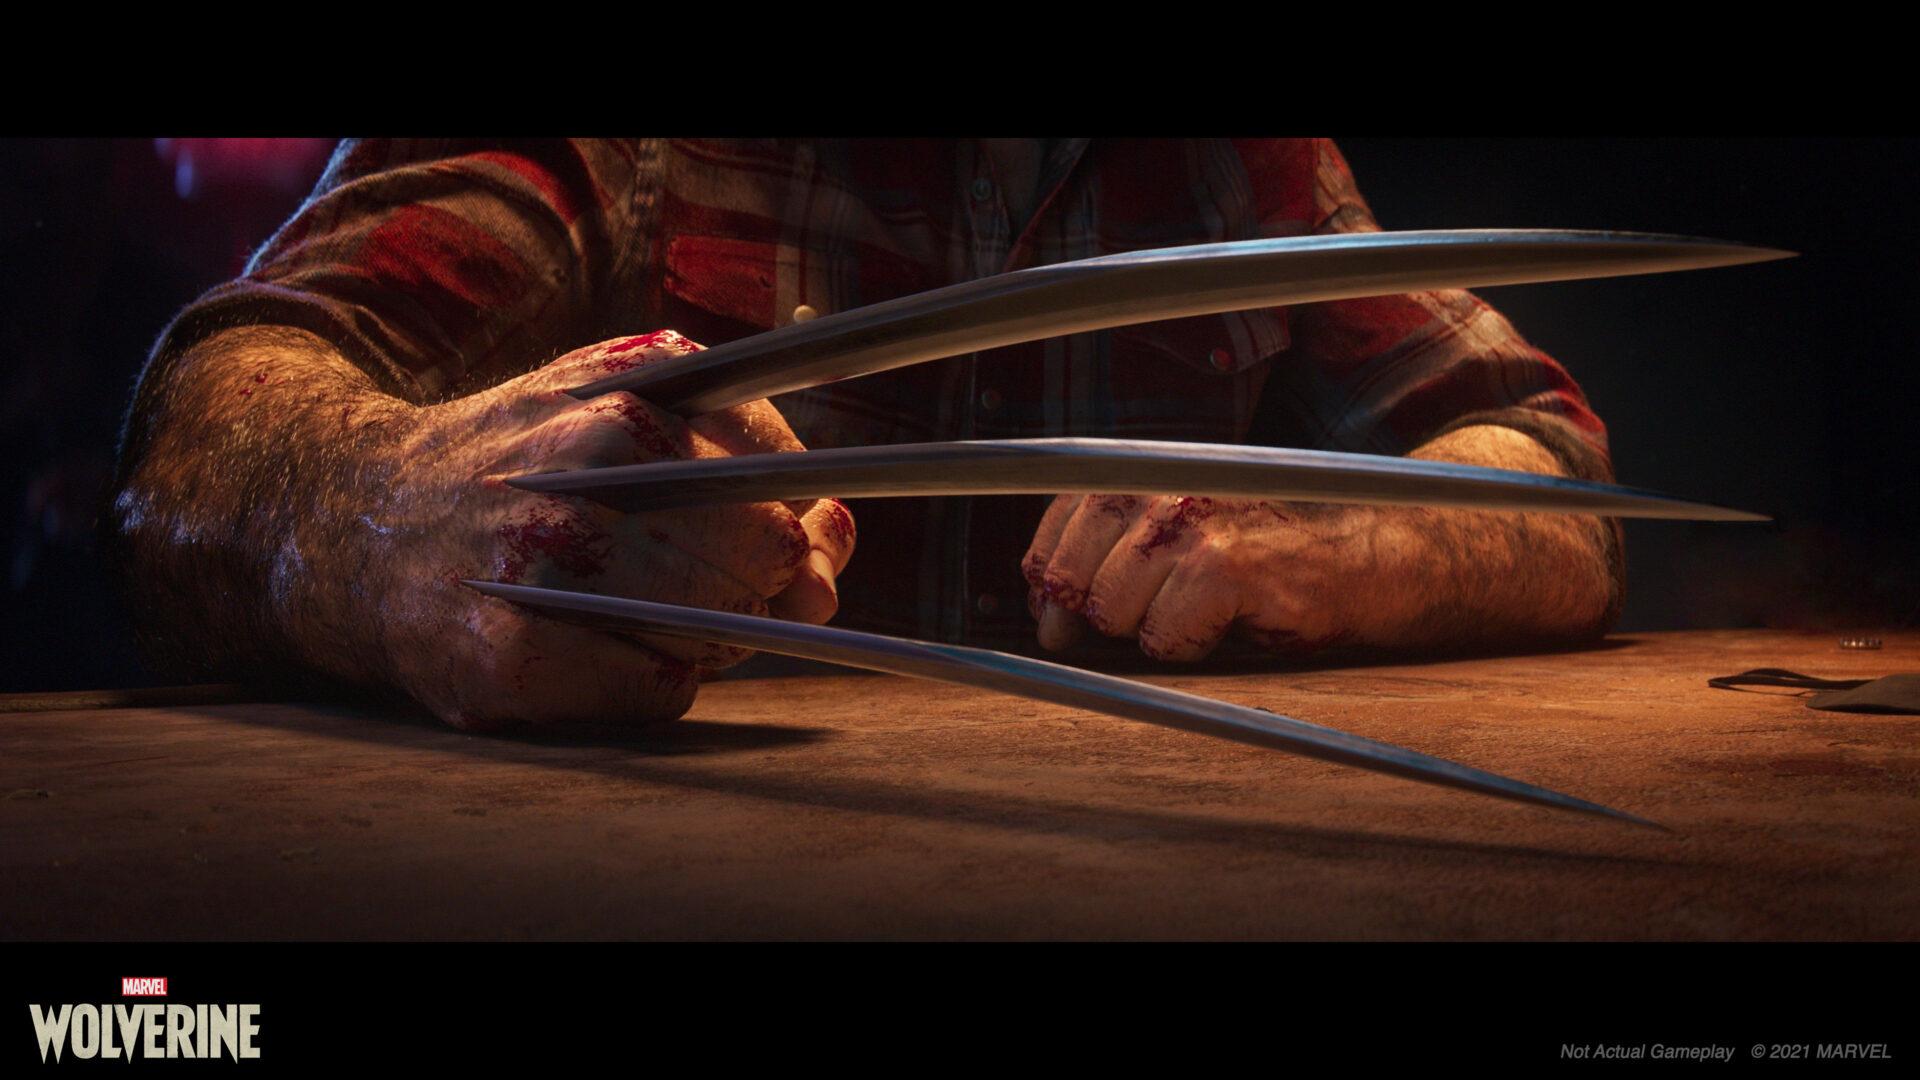 Jogos: Marvel's Wolverine é anunciado exclusivamente para PlayStation 5